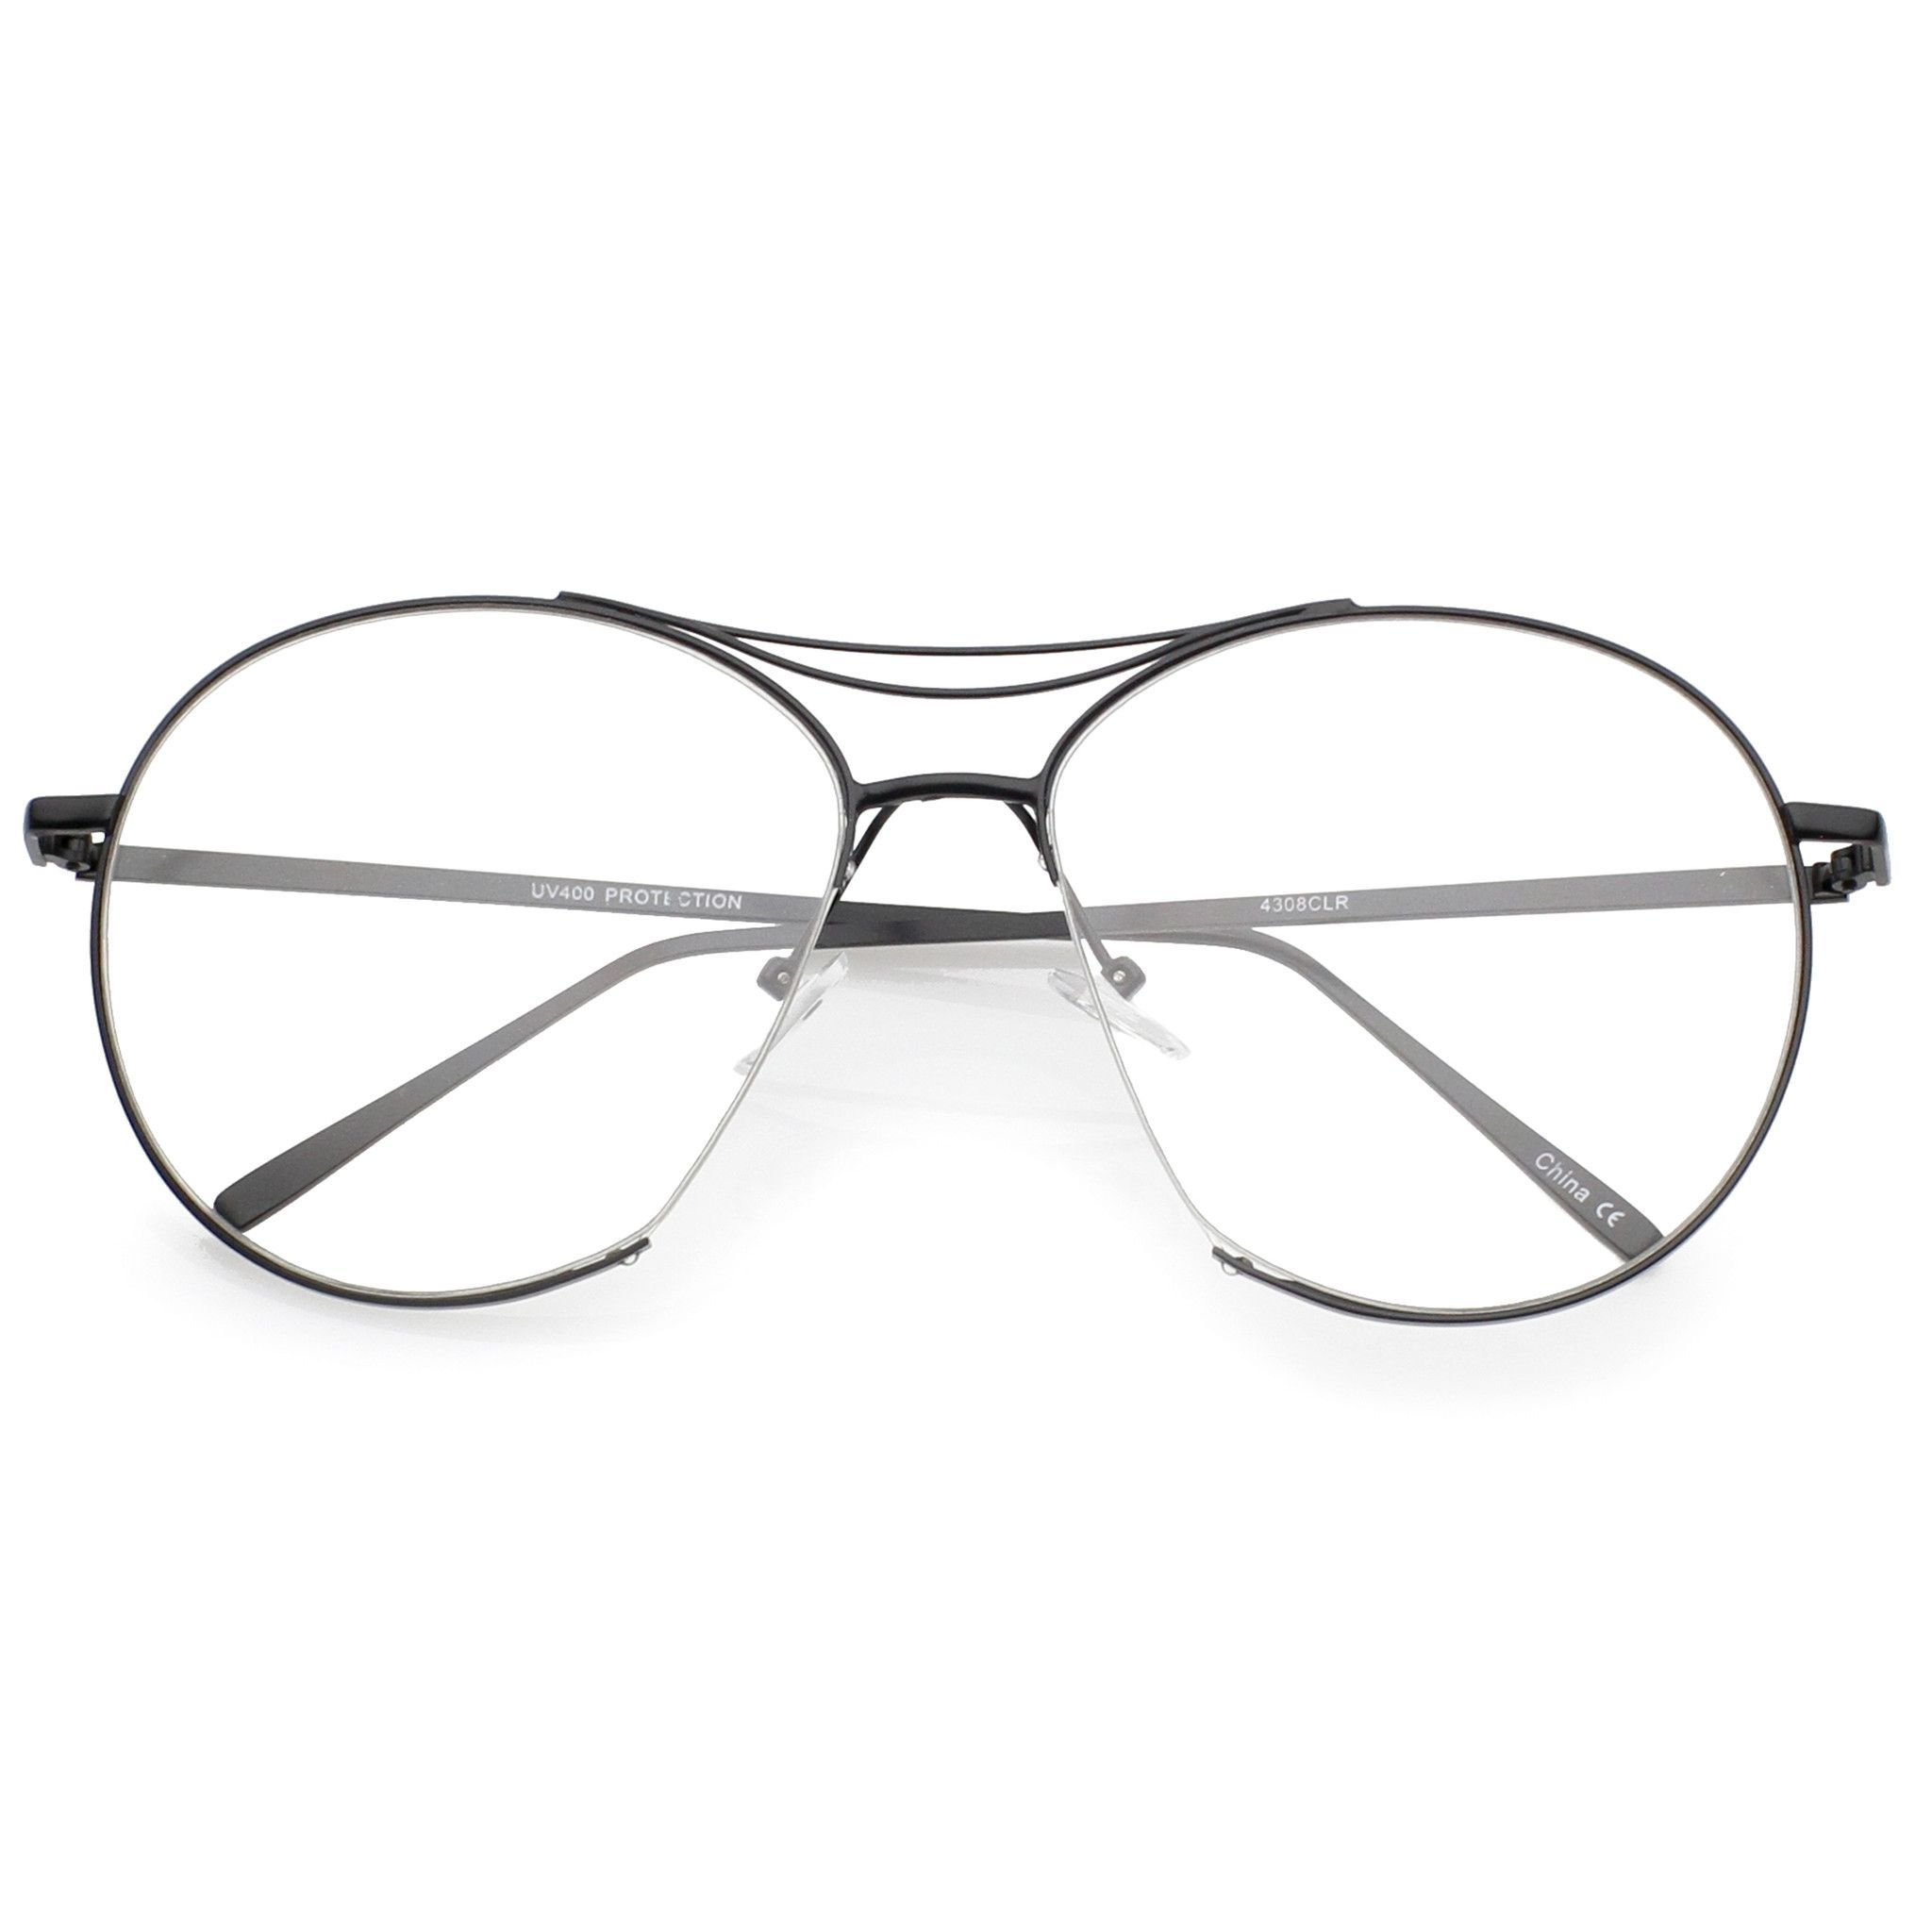 Oversize Retro Modern Clear Lens Aviator Glasses C132